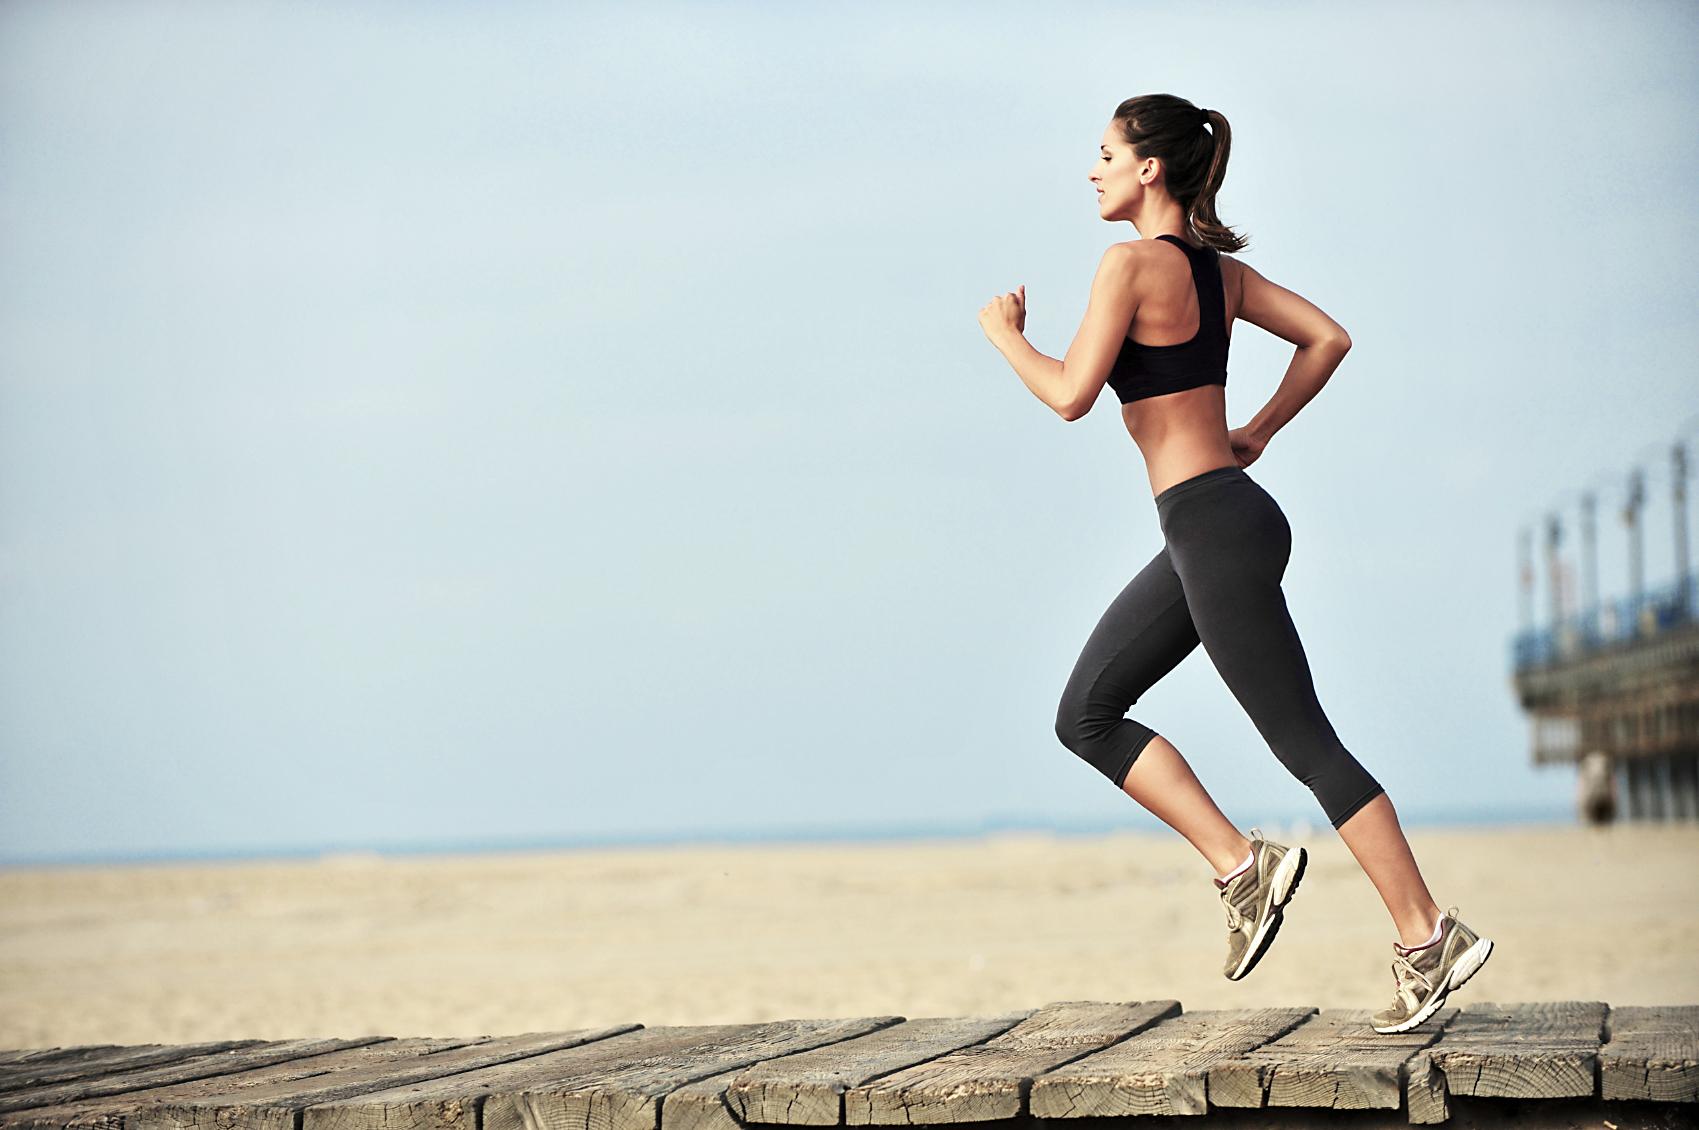 Qué músculos influyen para correr? - Ejercicios En Casa